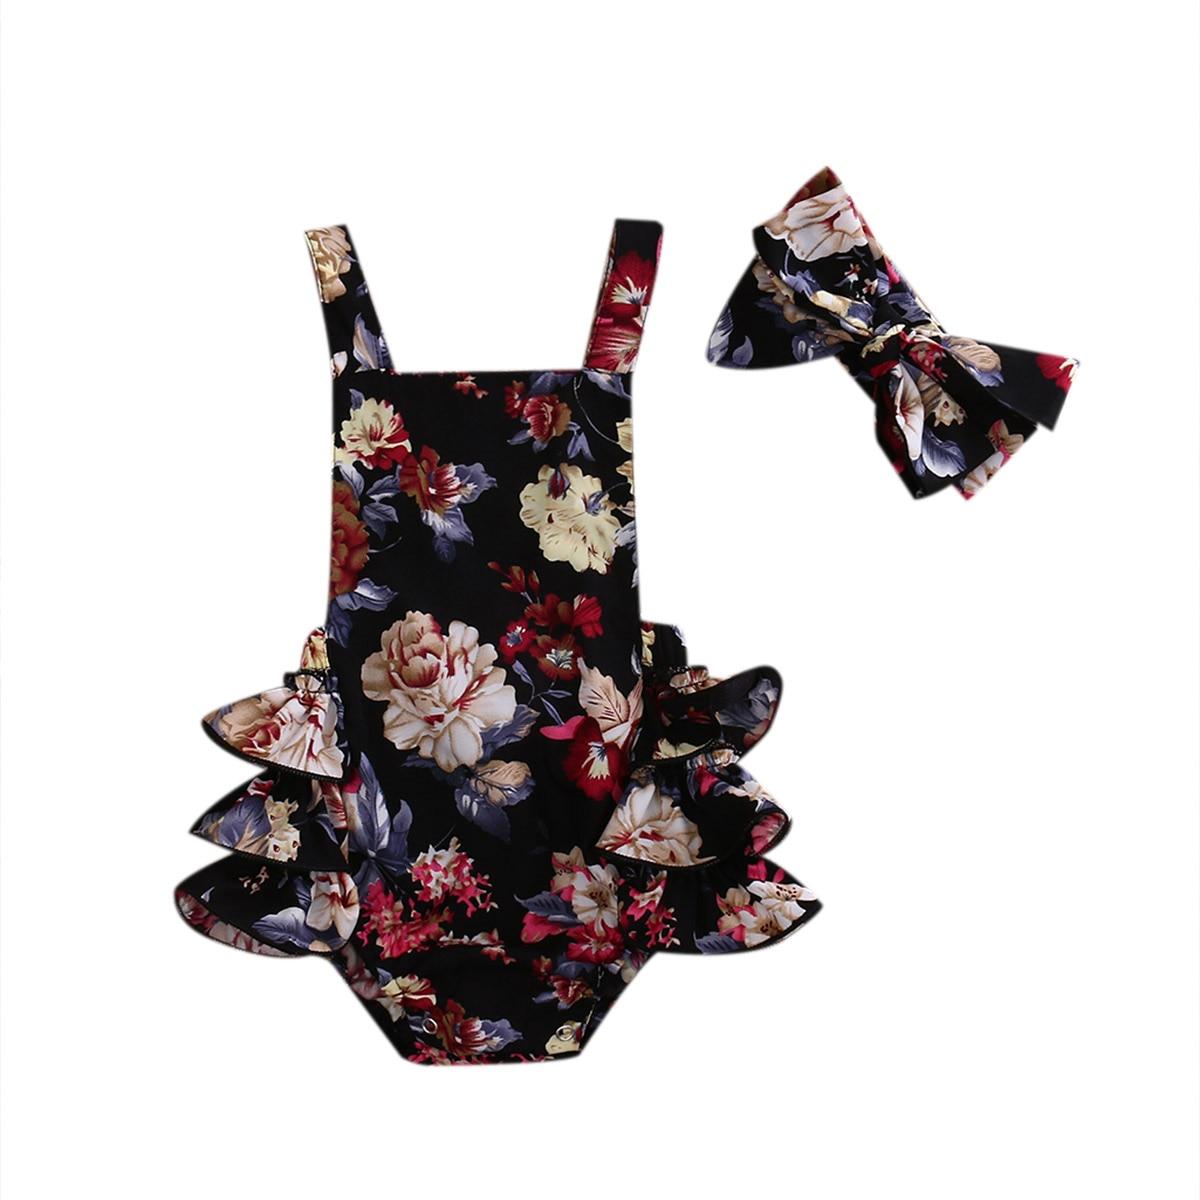 2Pcs/Set Newborn Infant Baby Girl Lace Floral Tutu Romper Backless Jumpsuit + Headband Summer Sunsuit Clothes